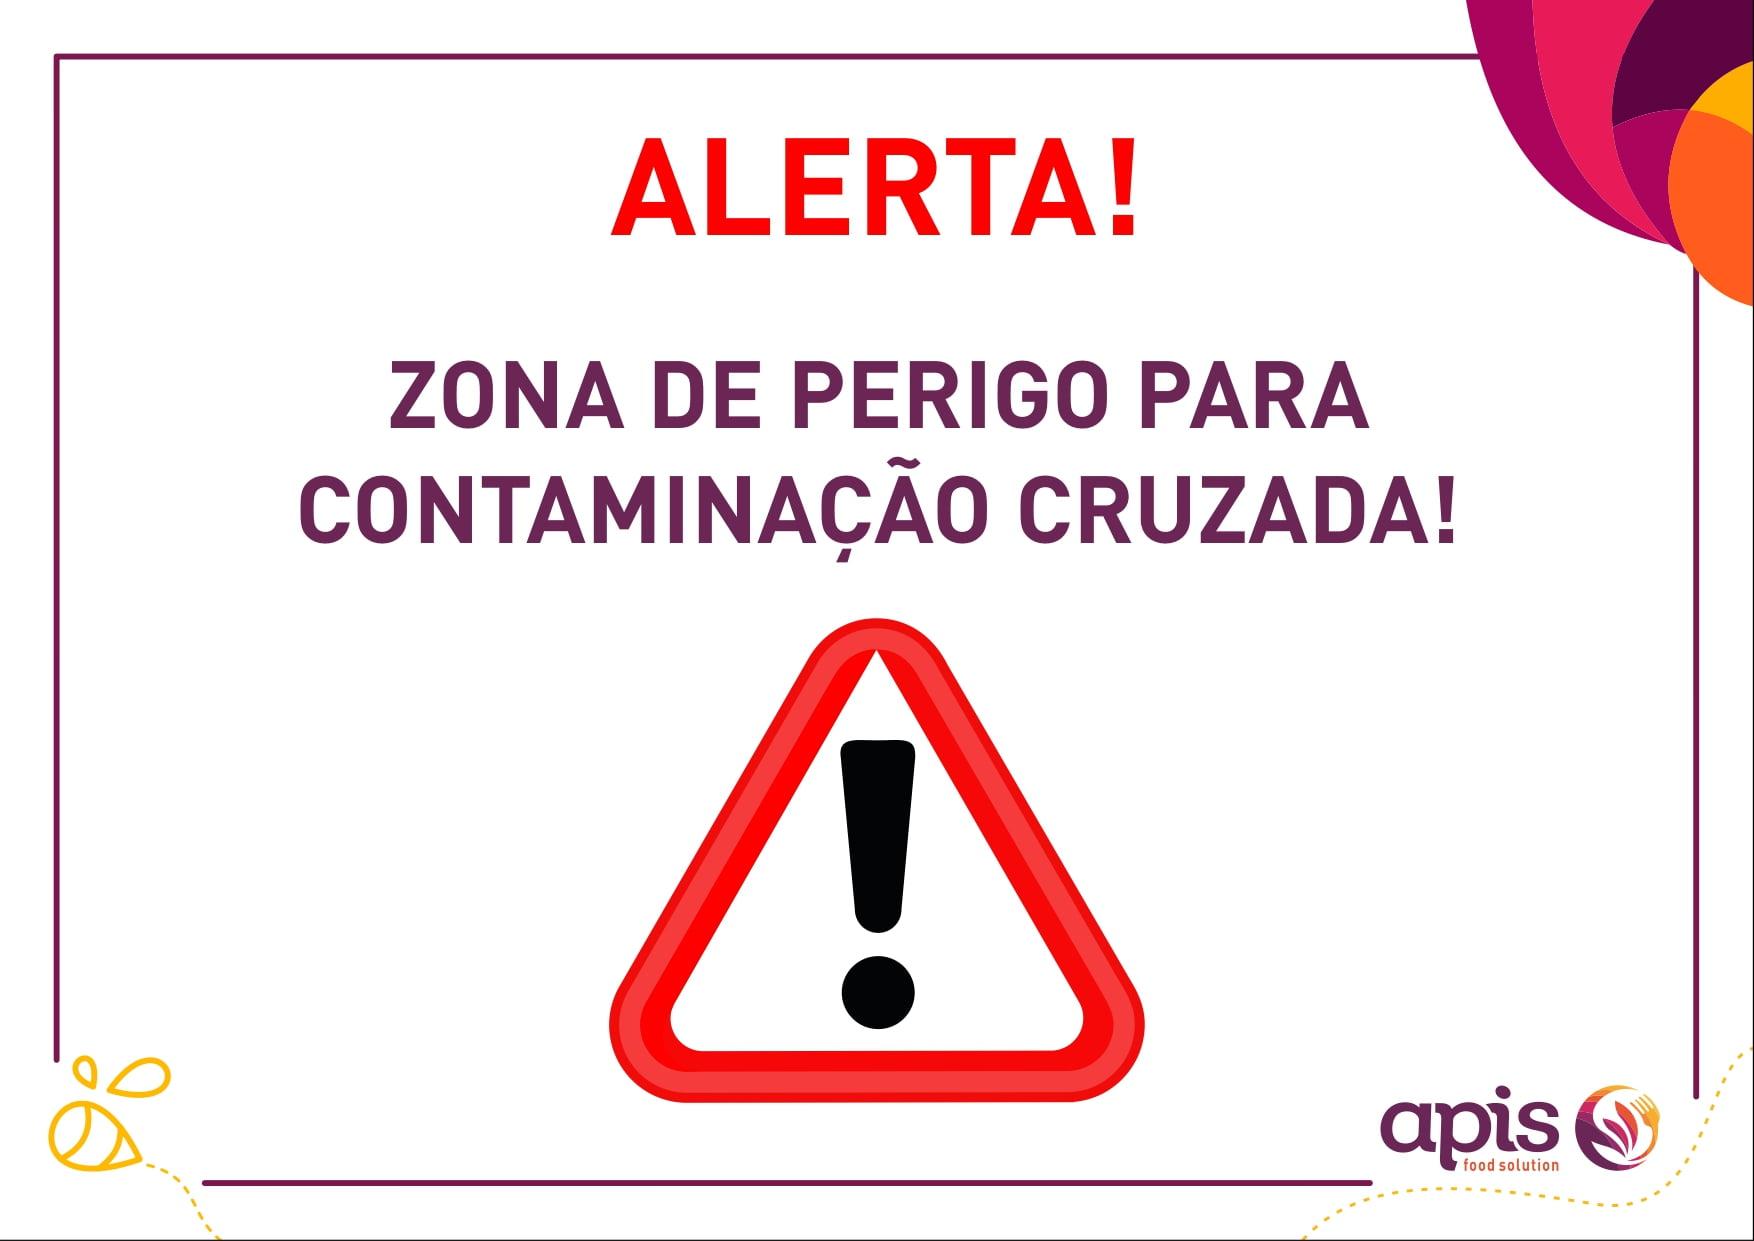 Alerta Zona de perigo para contaminação cruzada